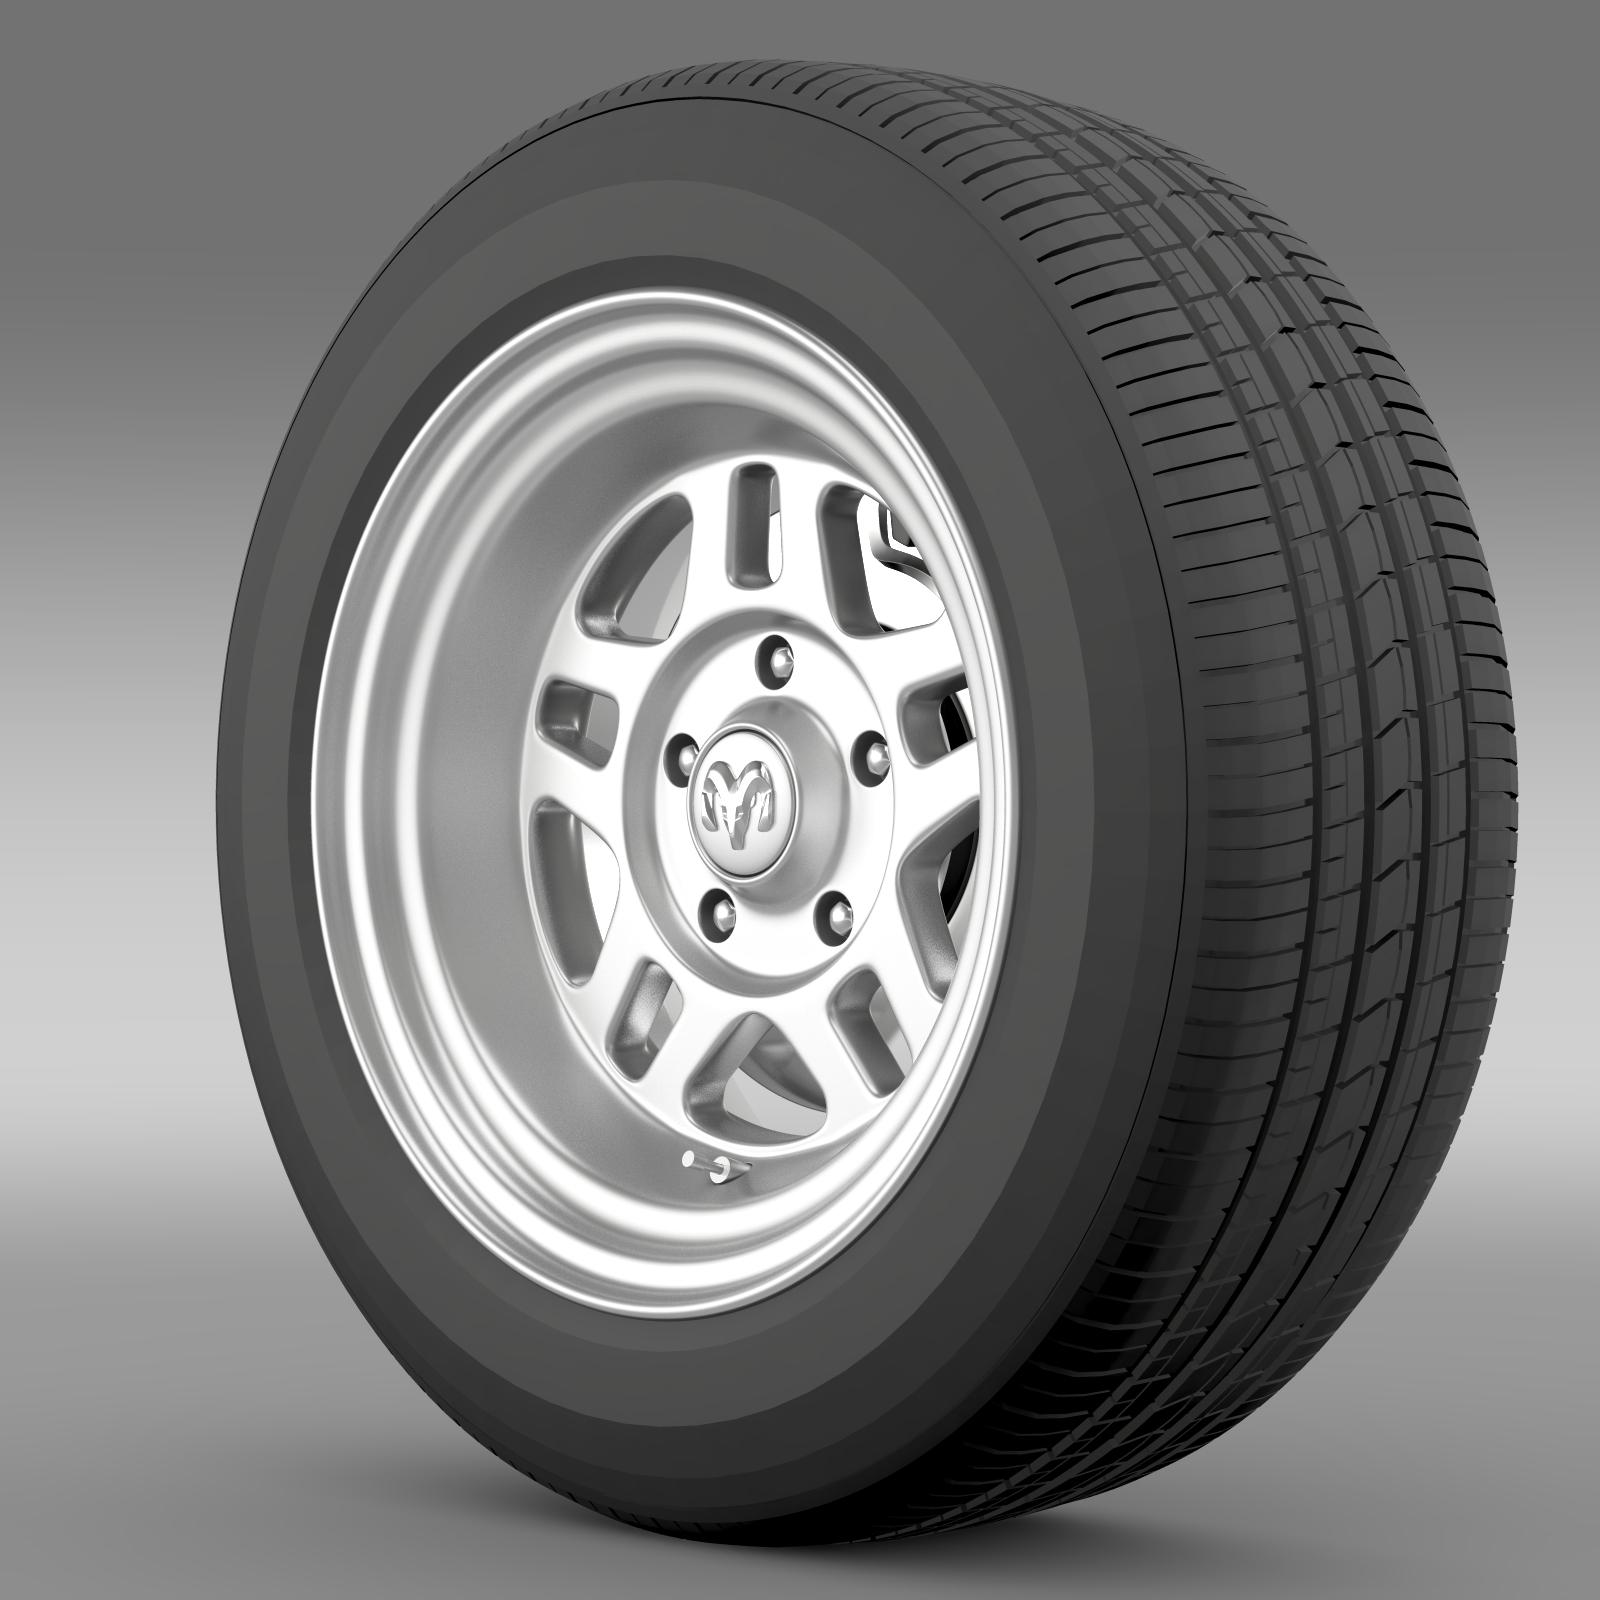 Dodge Challenger mopar ritenis 3d modelis 3ds max fbx c4d lwo ma mb hrc xsi obj 212807